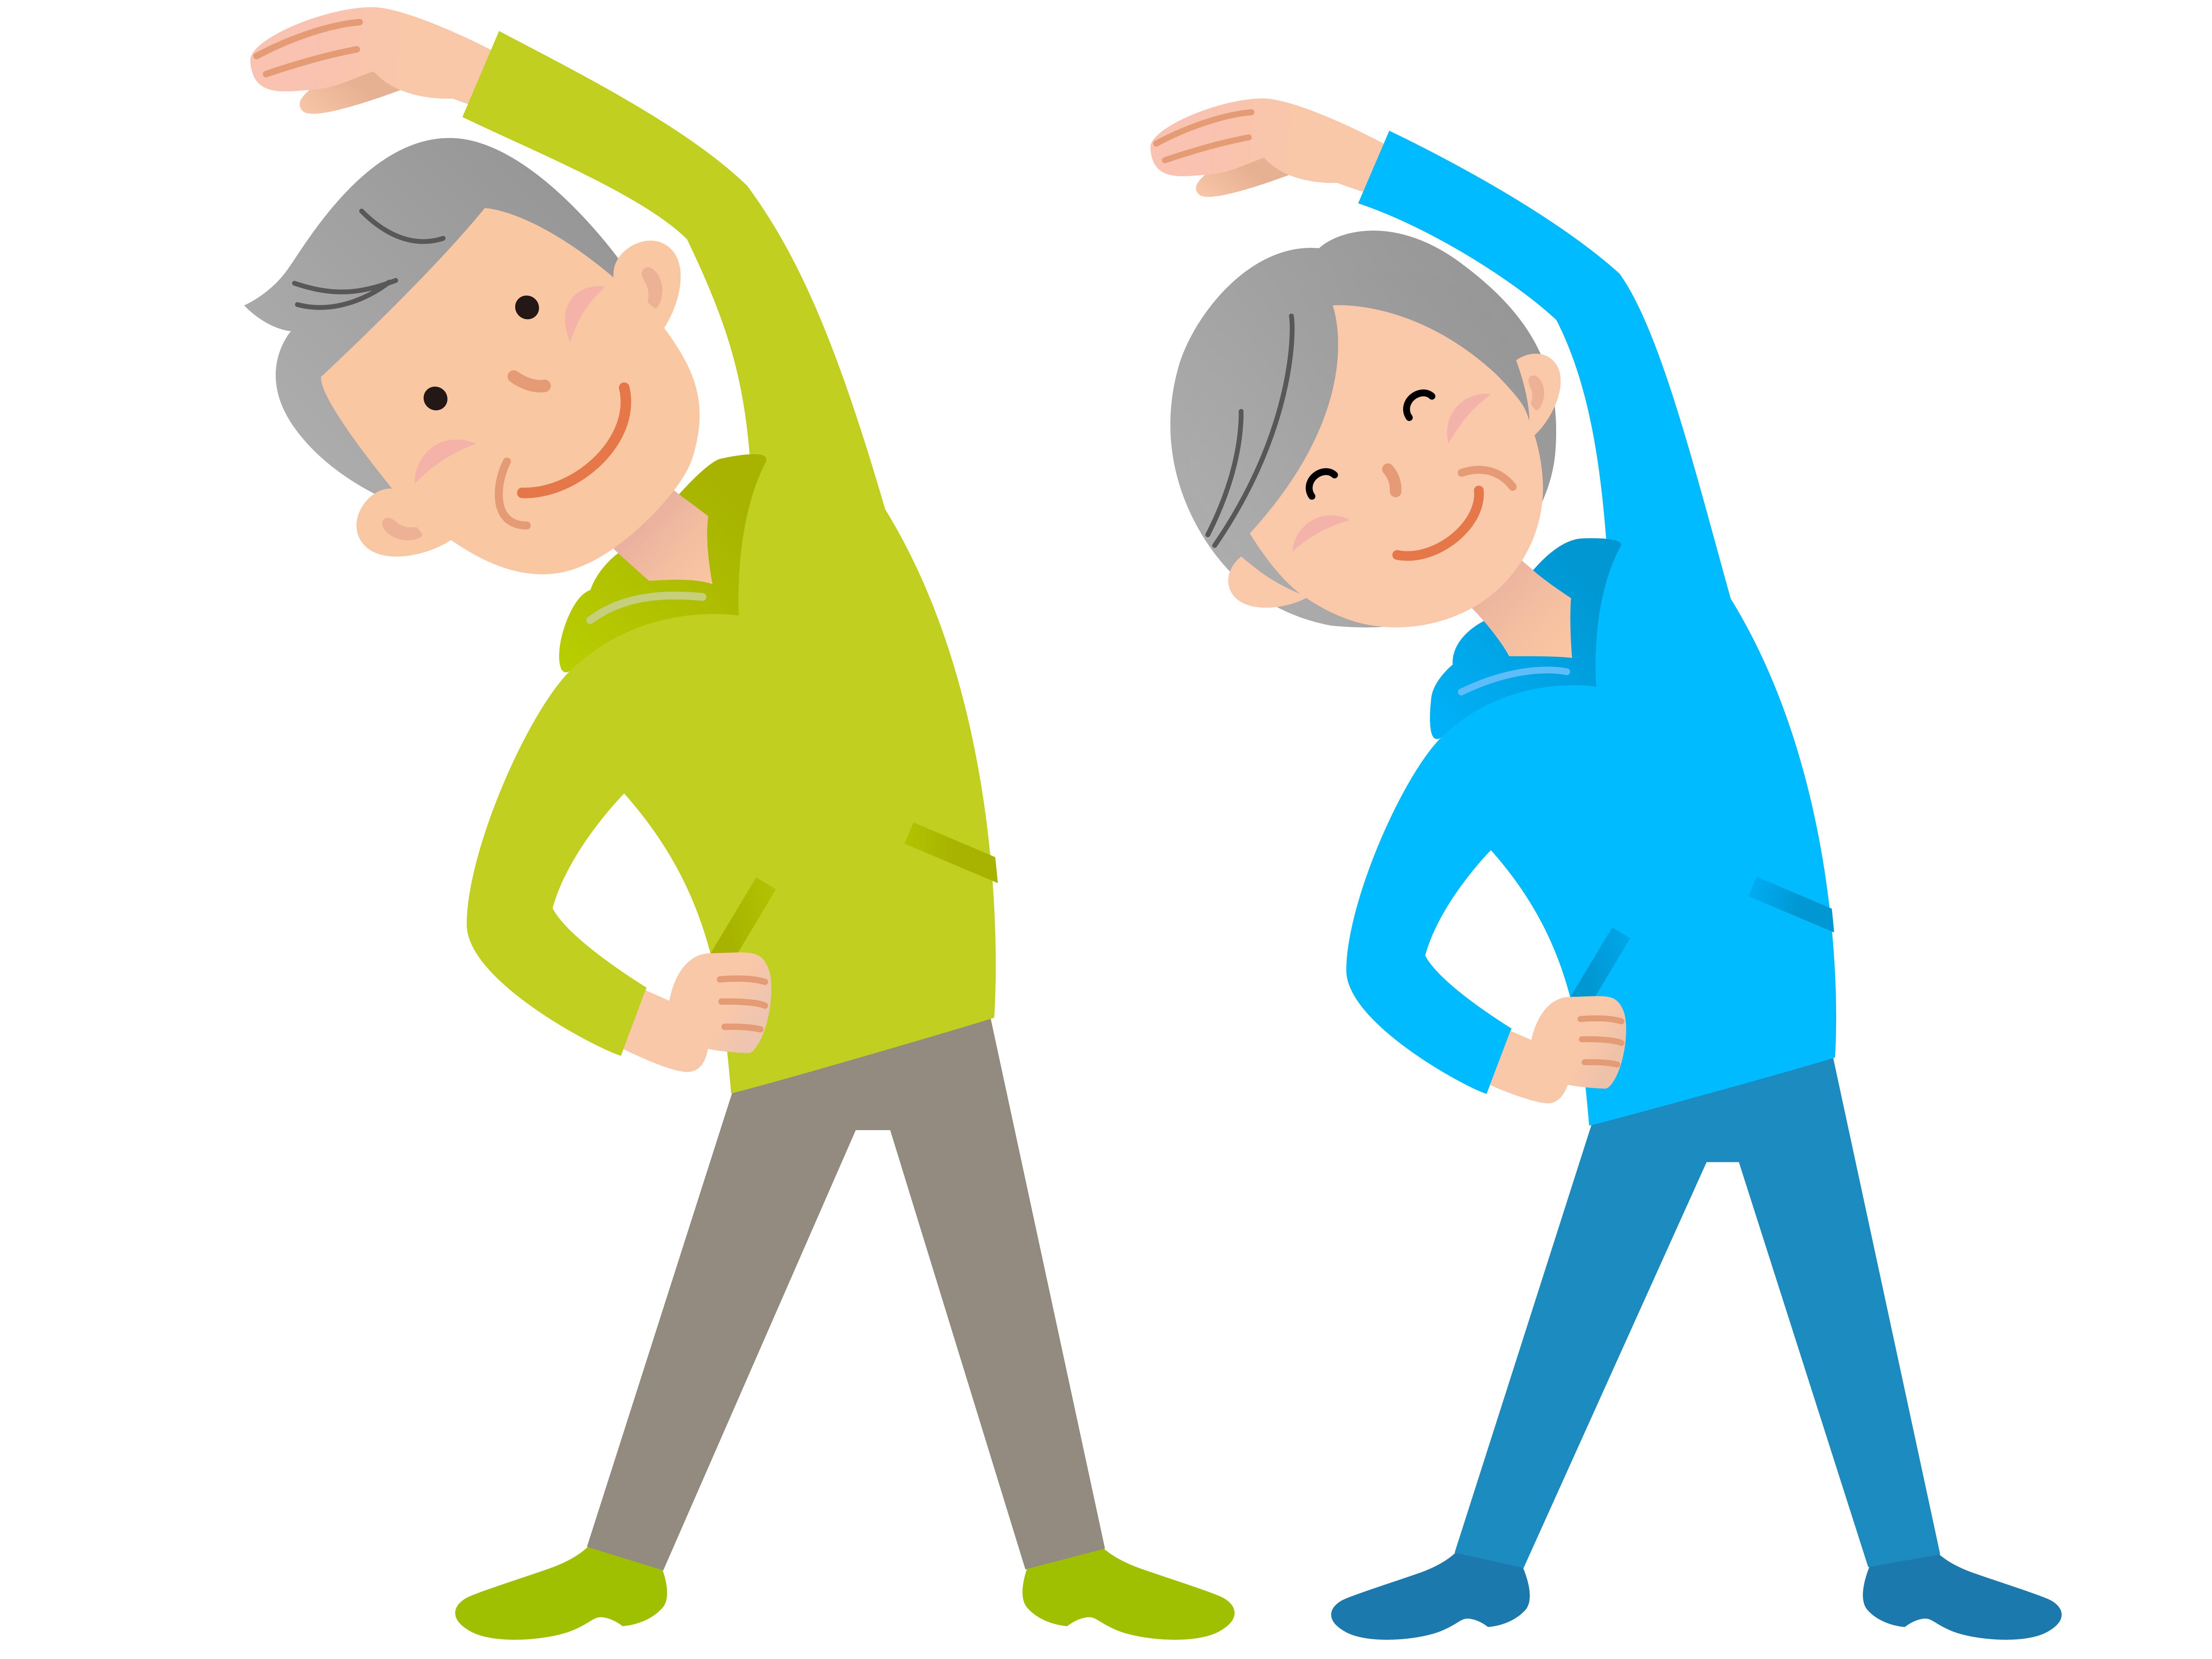 認知症の予防に運動は効果があるのか